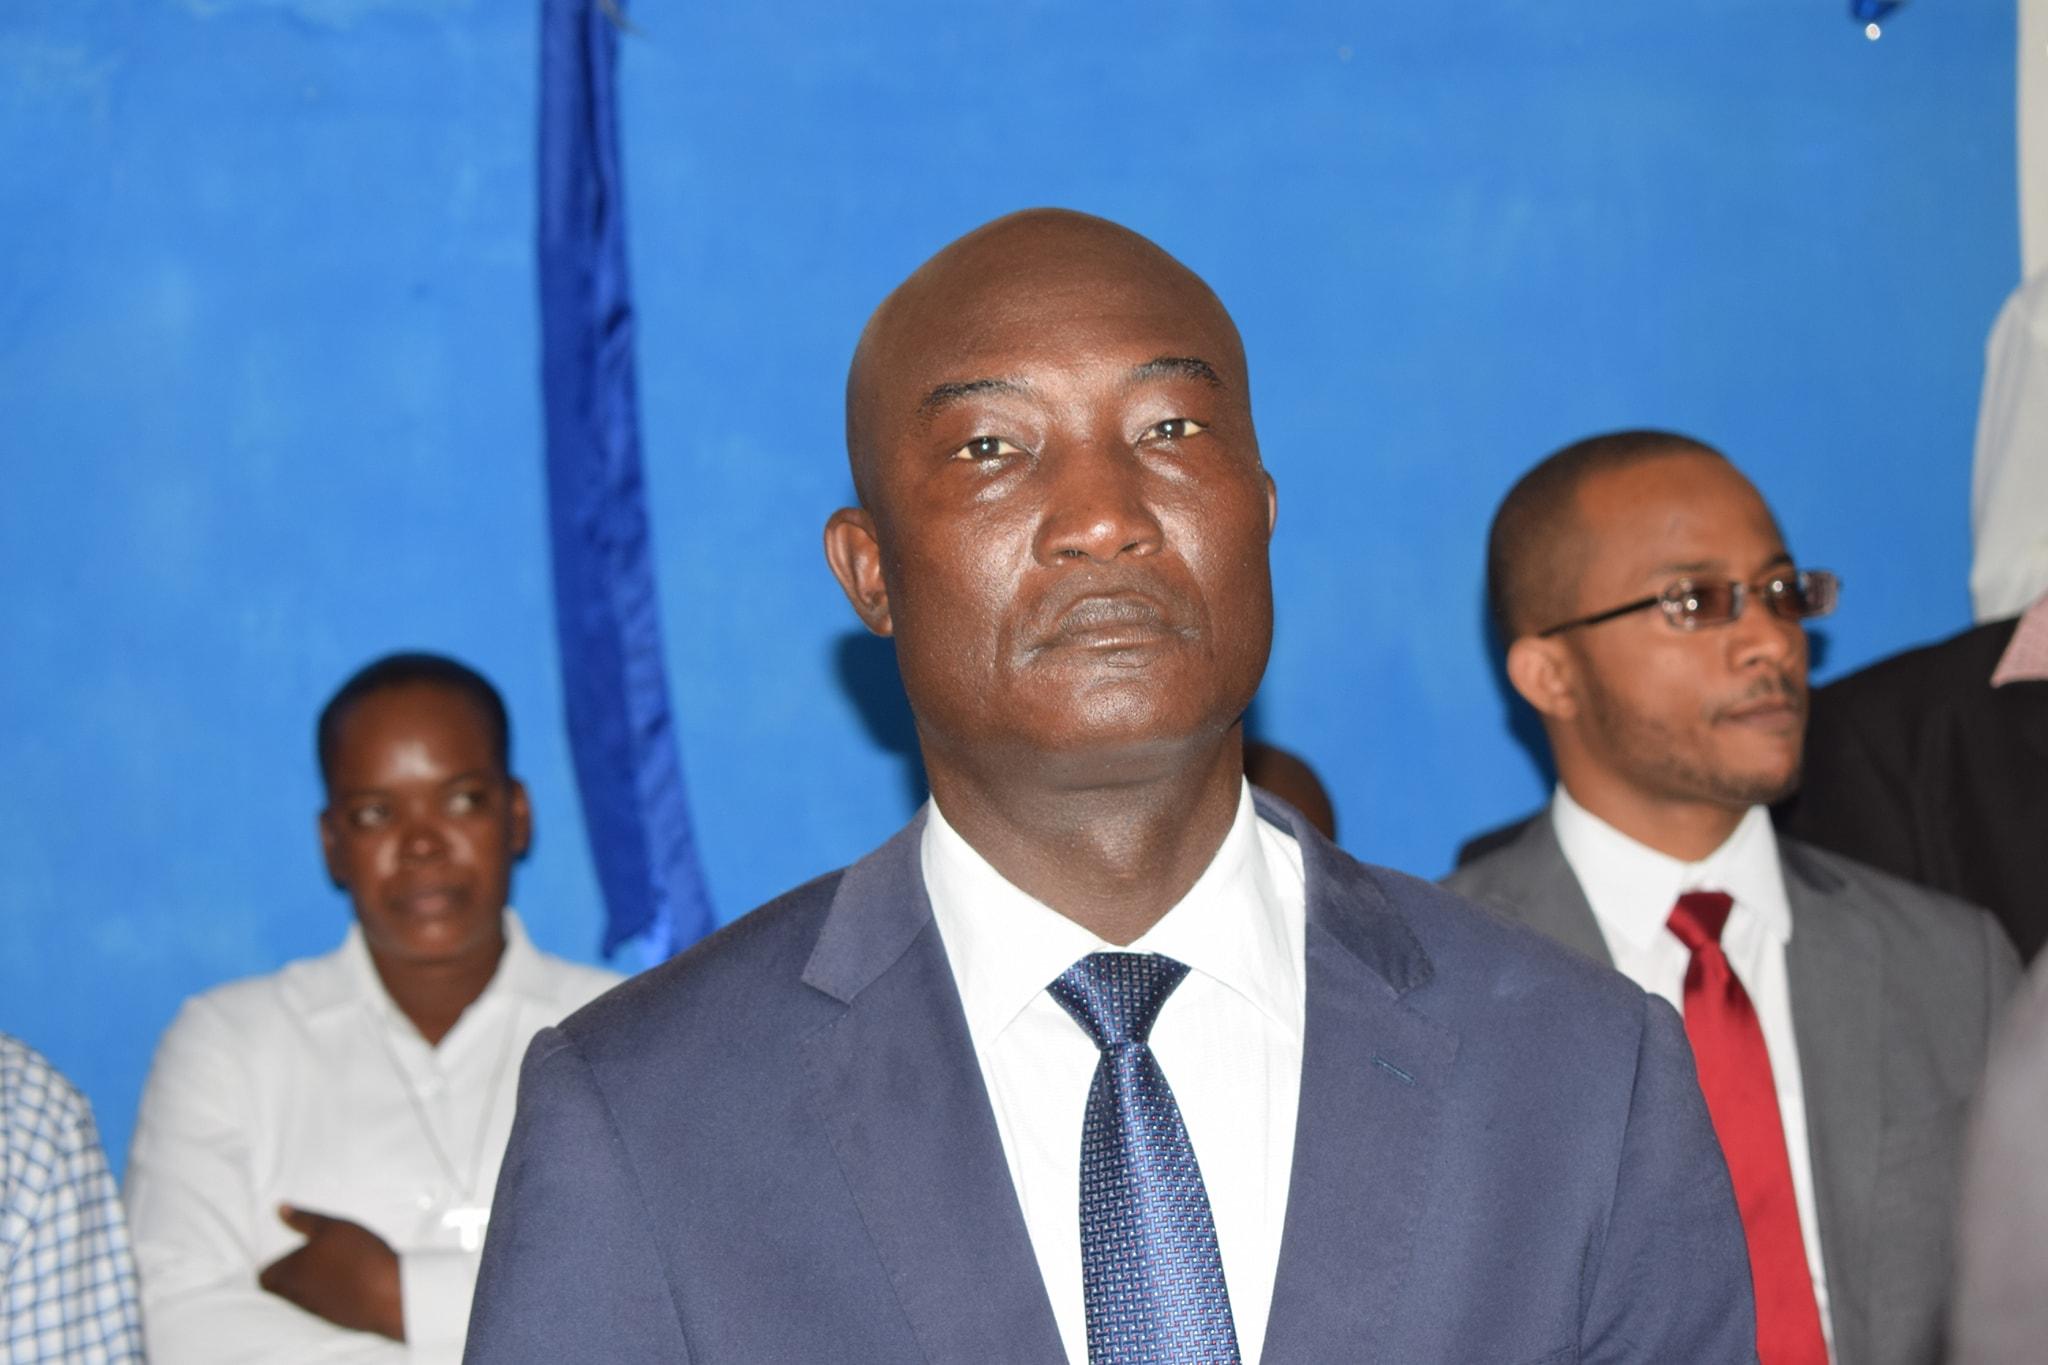 L'alliance des parlementaires pour Haïti, par la voix de son président Jean Wilson Hyppolite, menace de se désolidariser du pouvoir si l'équipe au pouvoir ne prend pas en considération ses exigences.